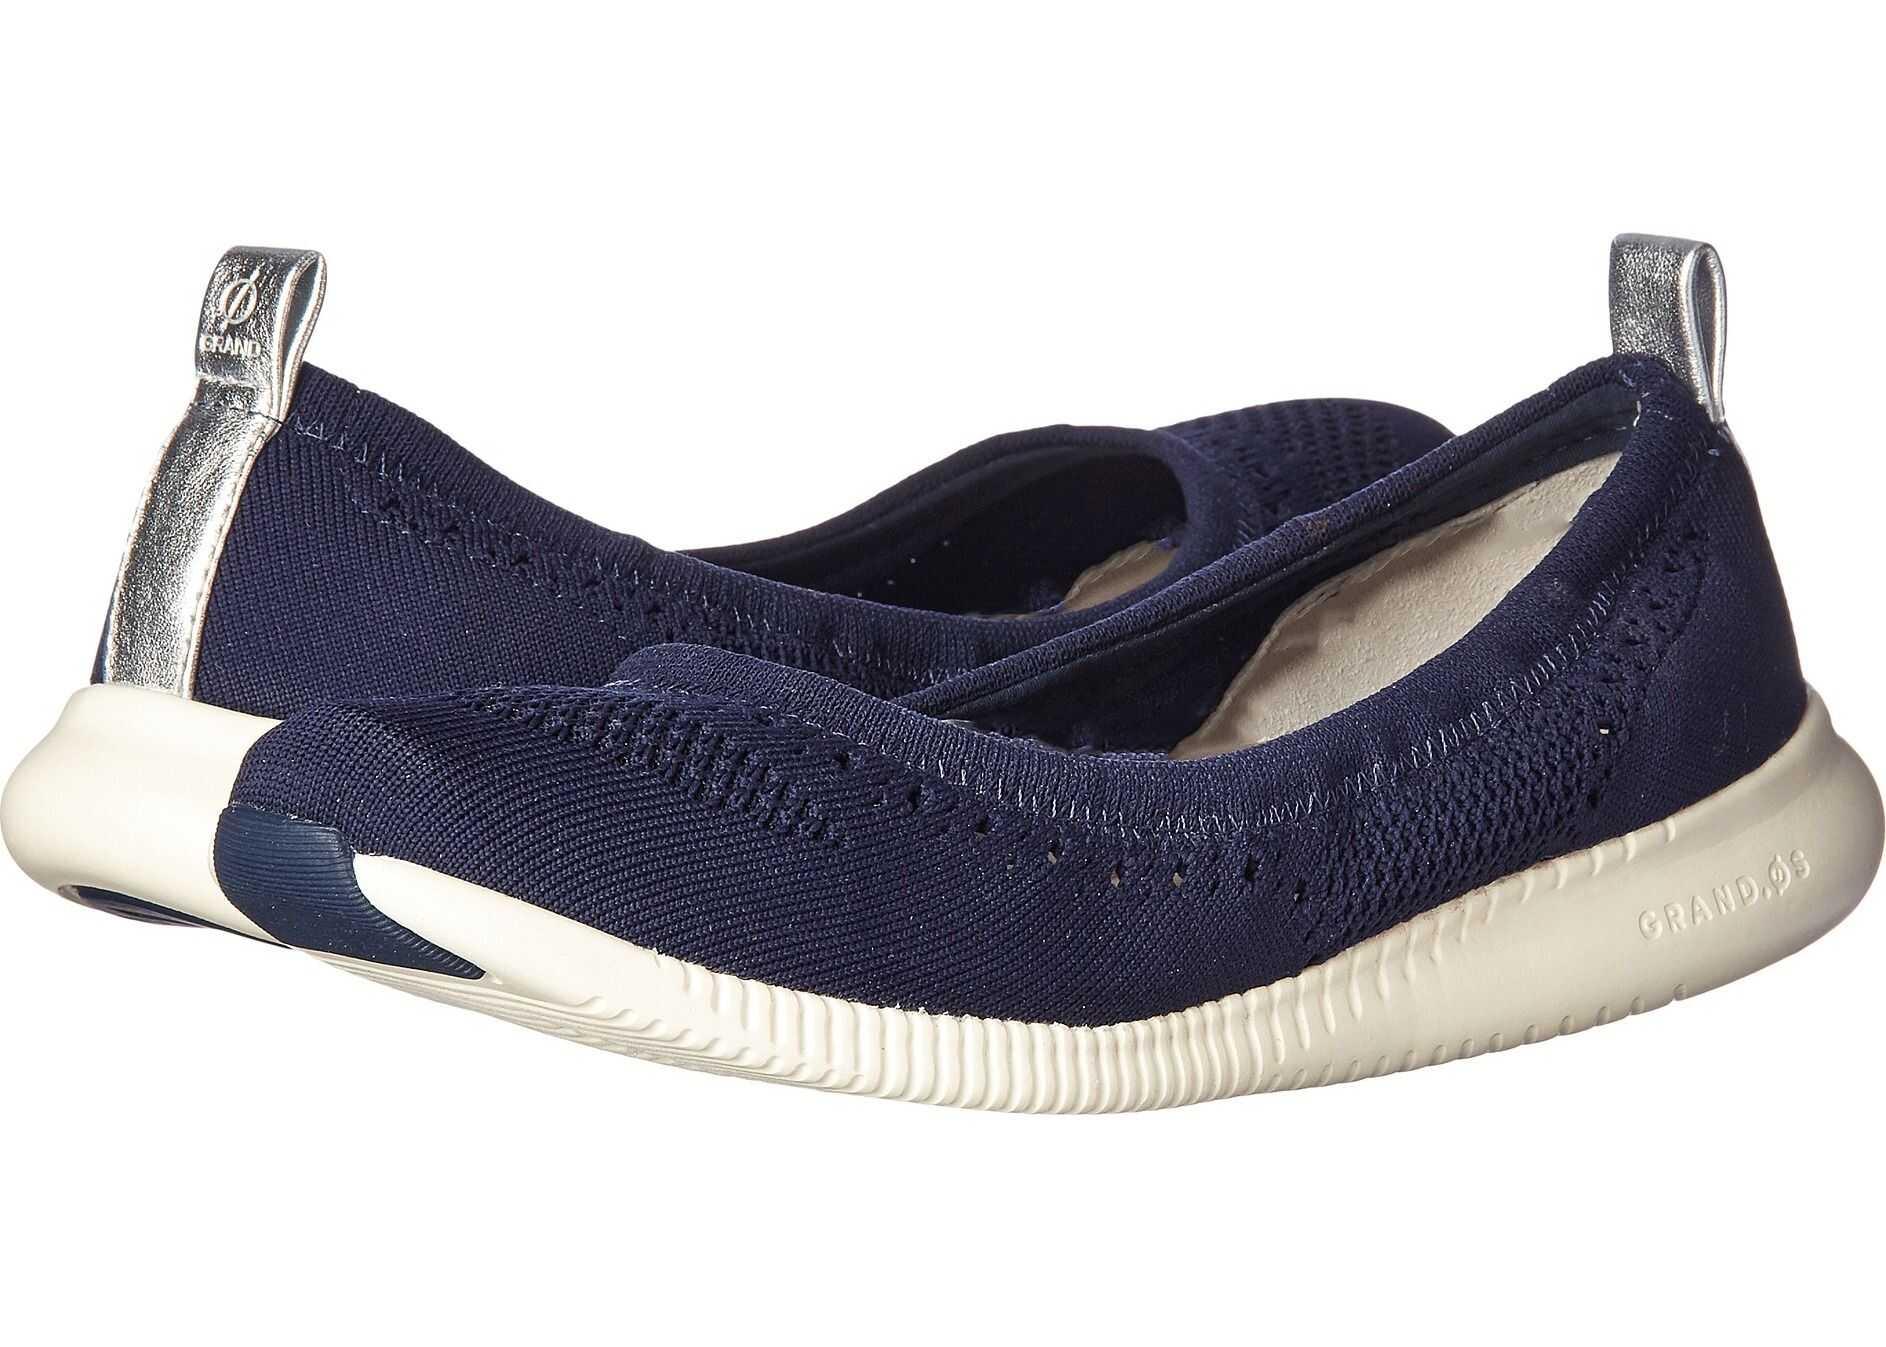 Cole Haan 2.Zerogrand Stitchlite Ballet Marine Blue Knit